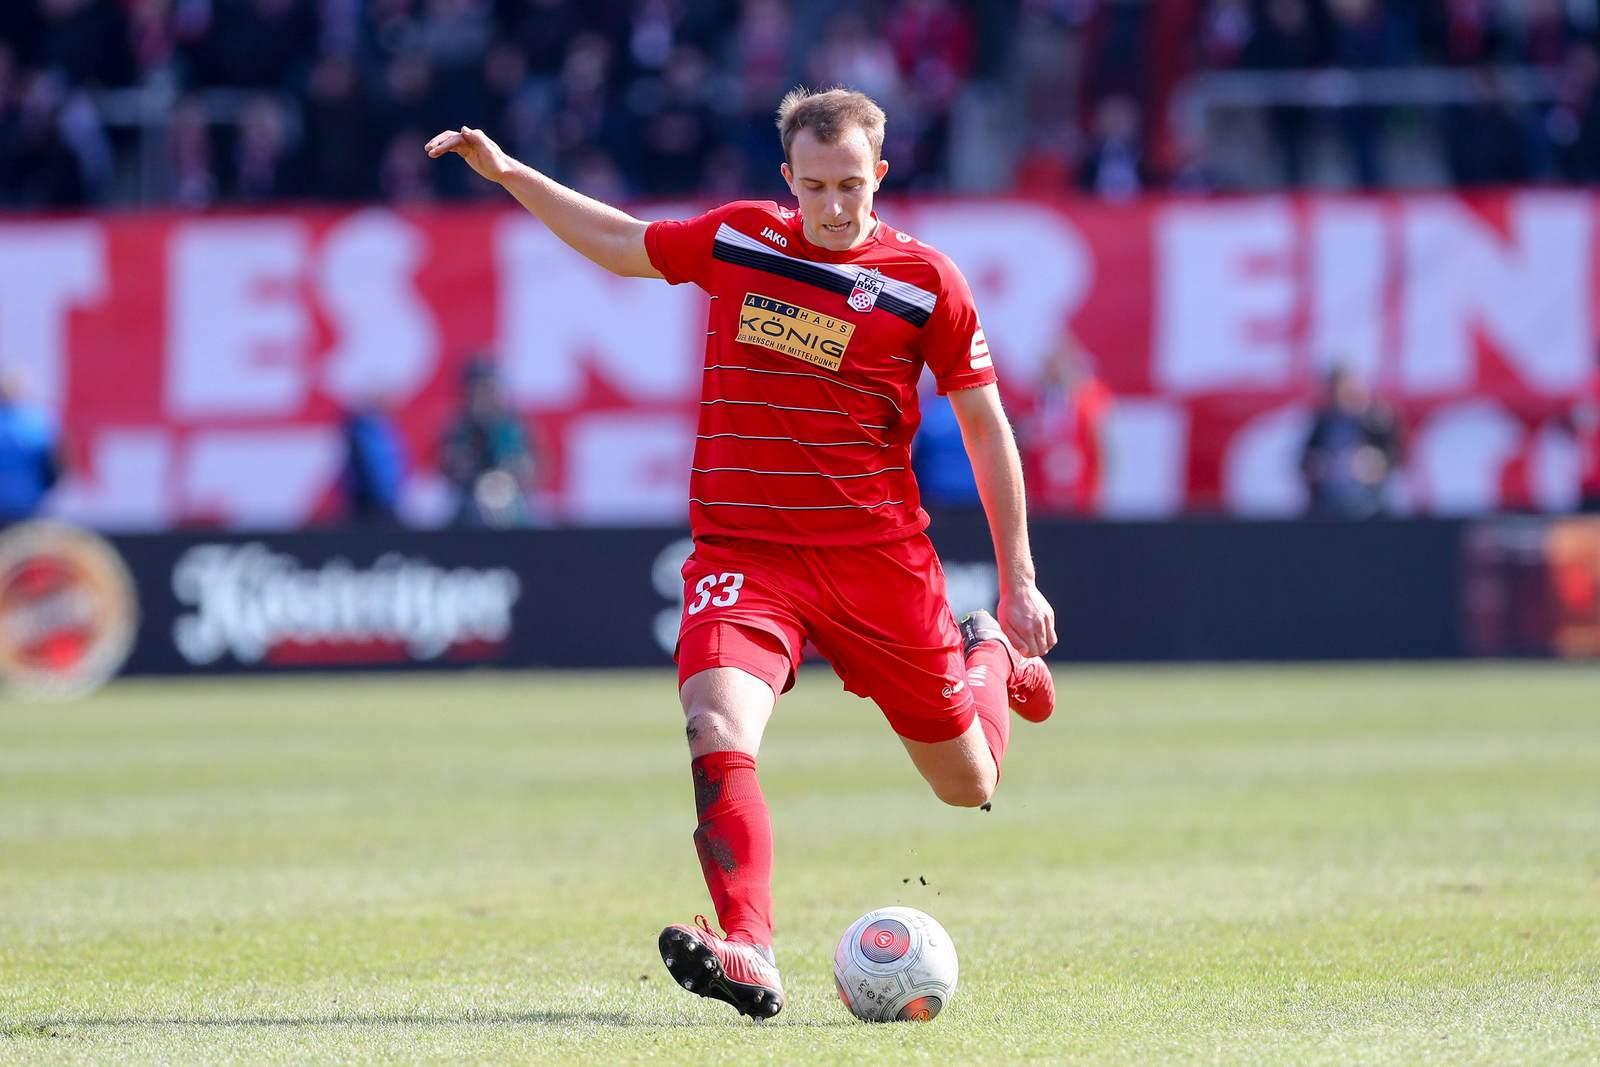 Tobias Kraulich am Ball für Rot Weiß Erfurt